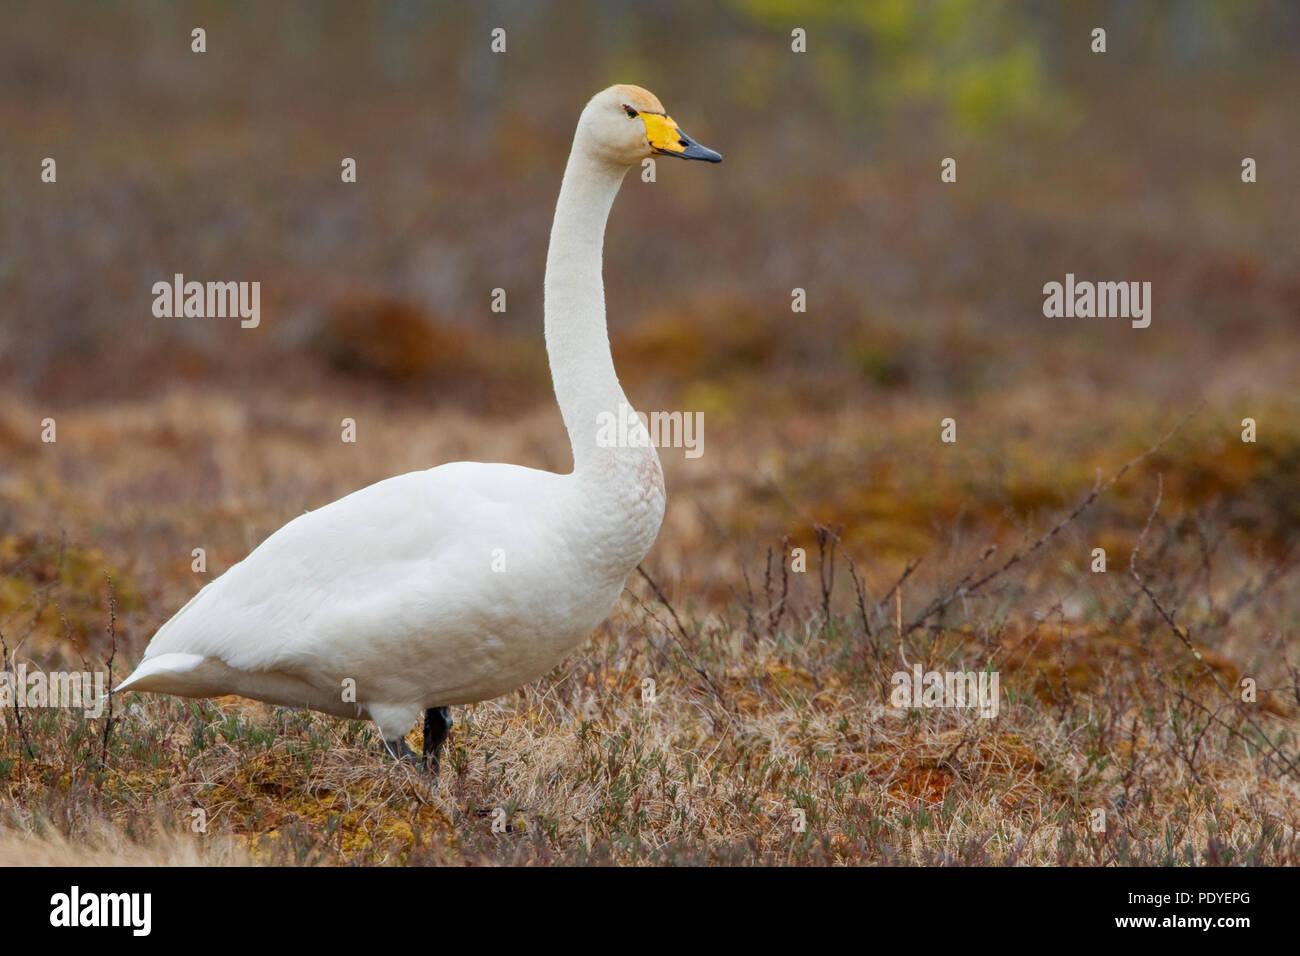 Een eenzame wilde gans.A lonely Whooper Swan. - Stock Image